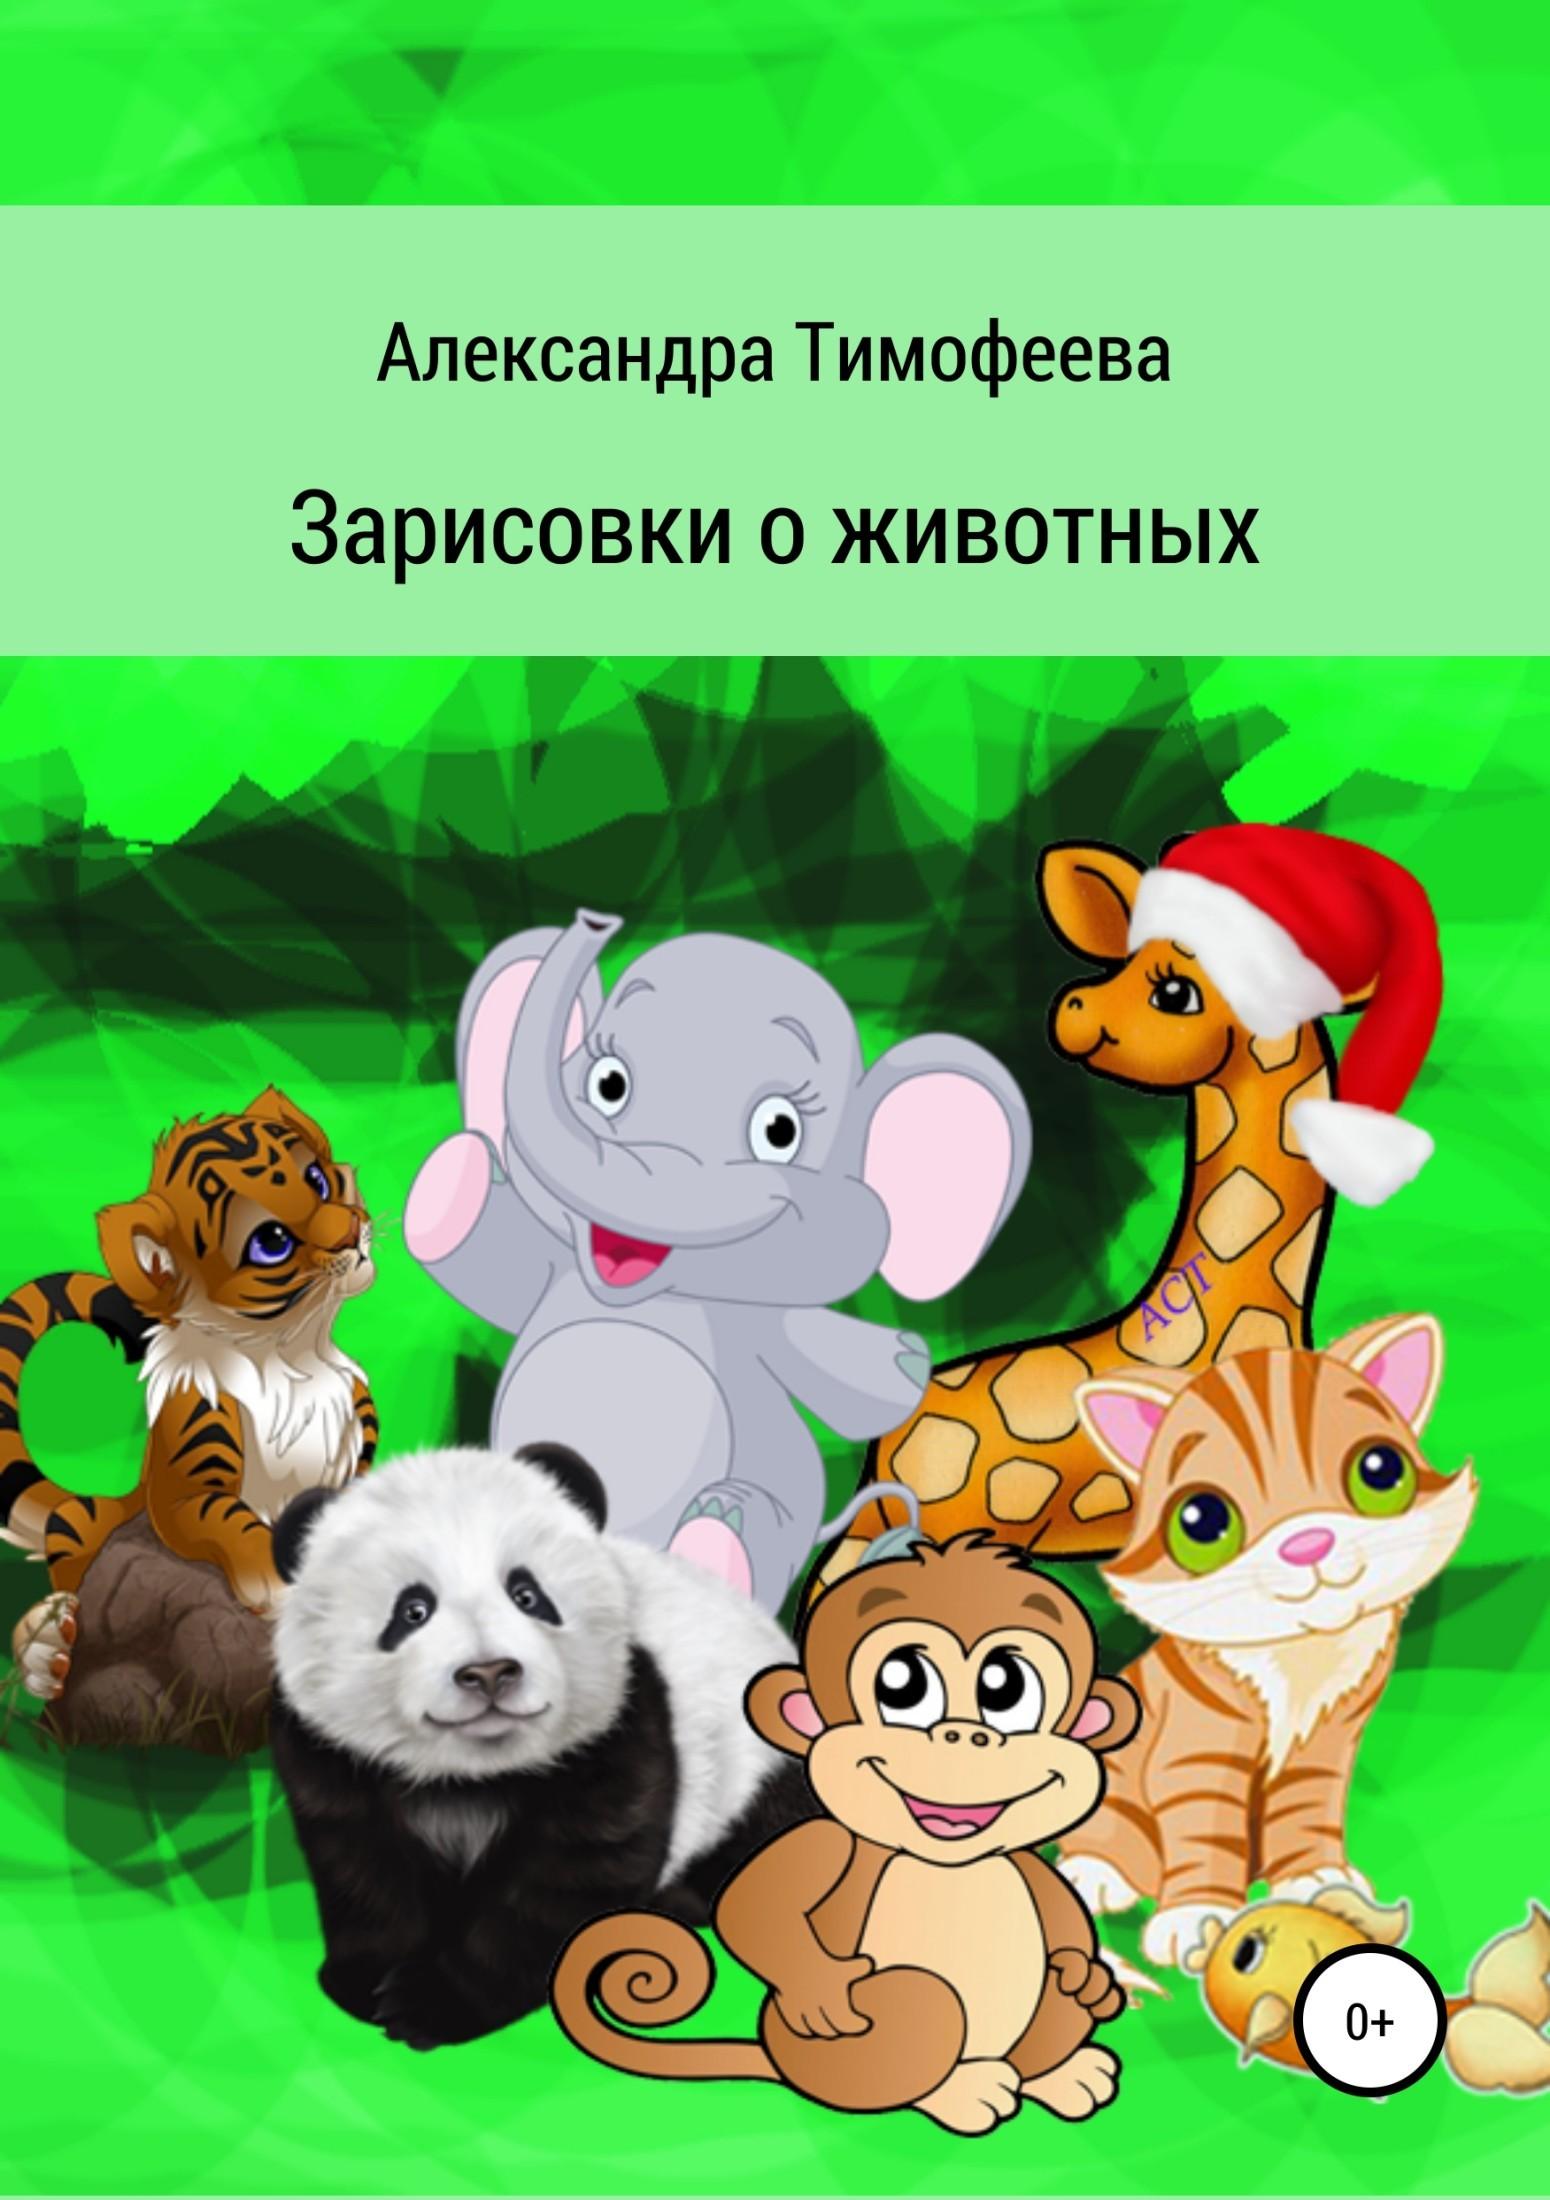 Зарисовки о животных